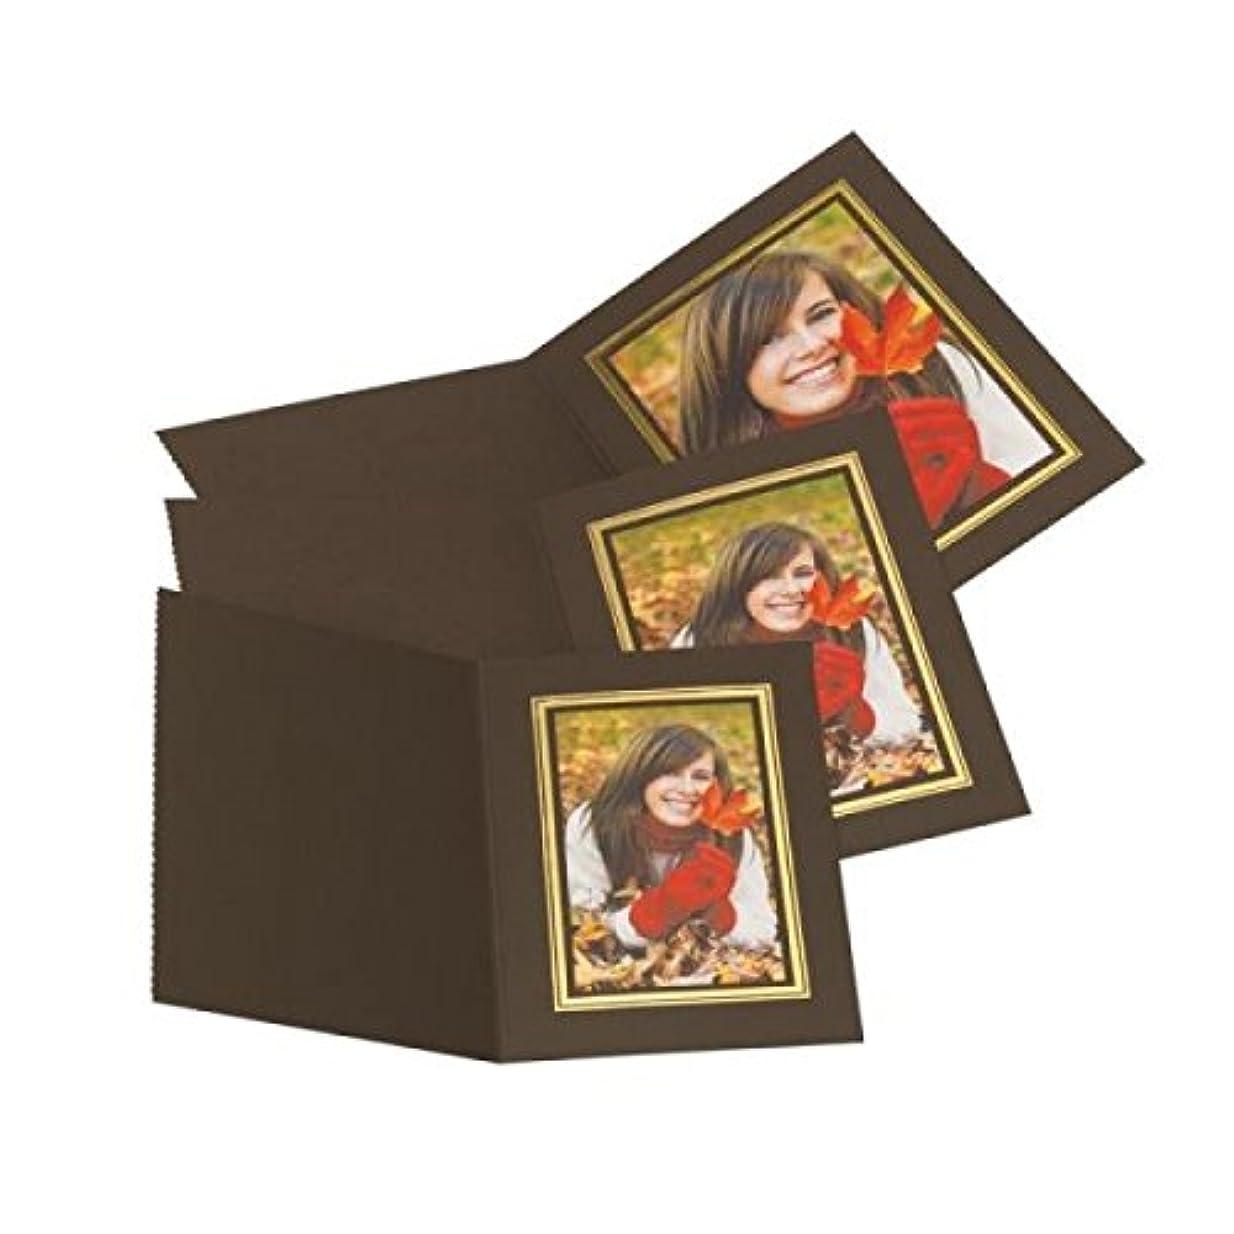 ミリメートル法廷アベニューKenro Slip In Photo Folder 8x12'' Upright Pack 10 Brown Gold [PMA058/10]